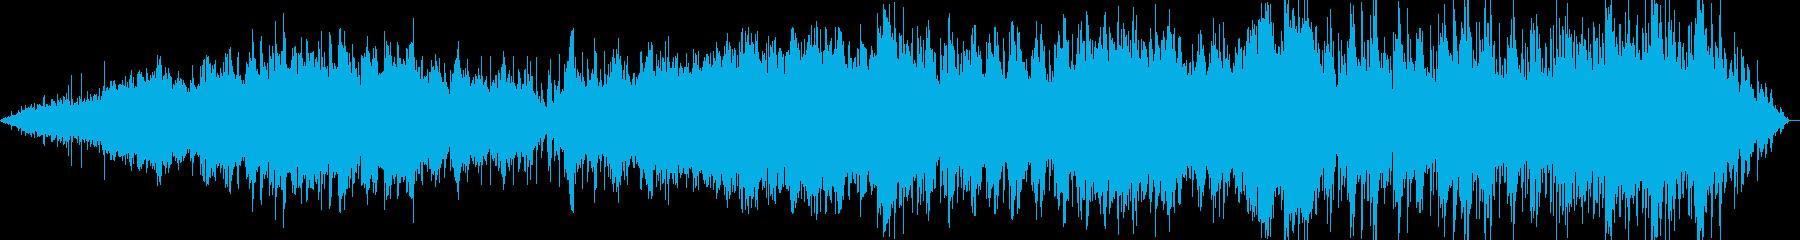 ギターの音を中心にのんびりForestの再生済みの波形